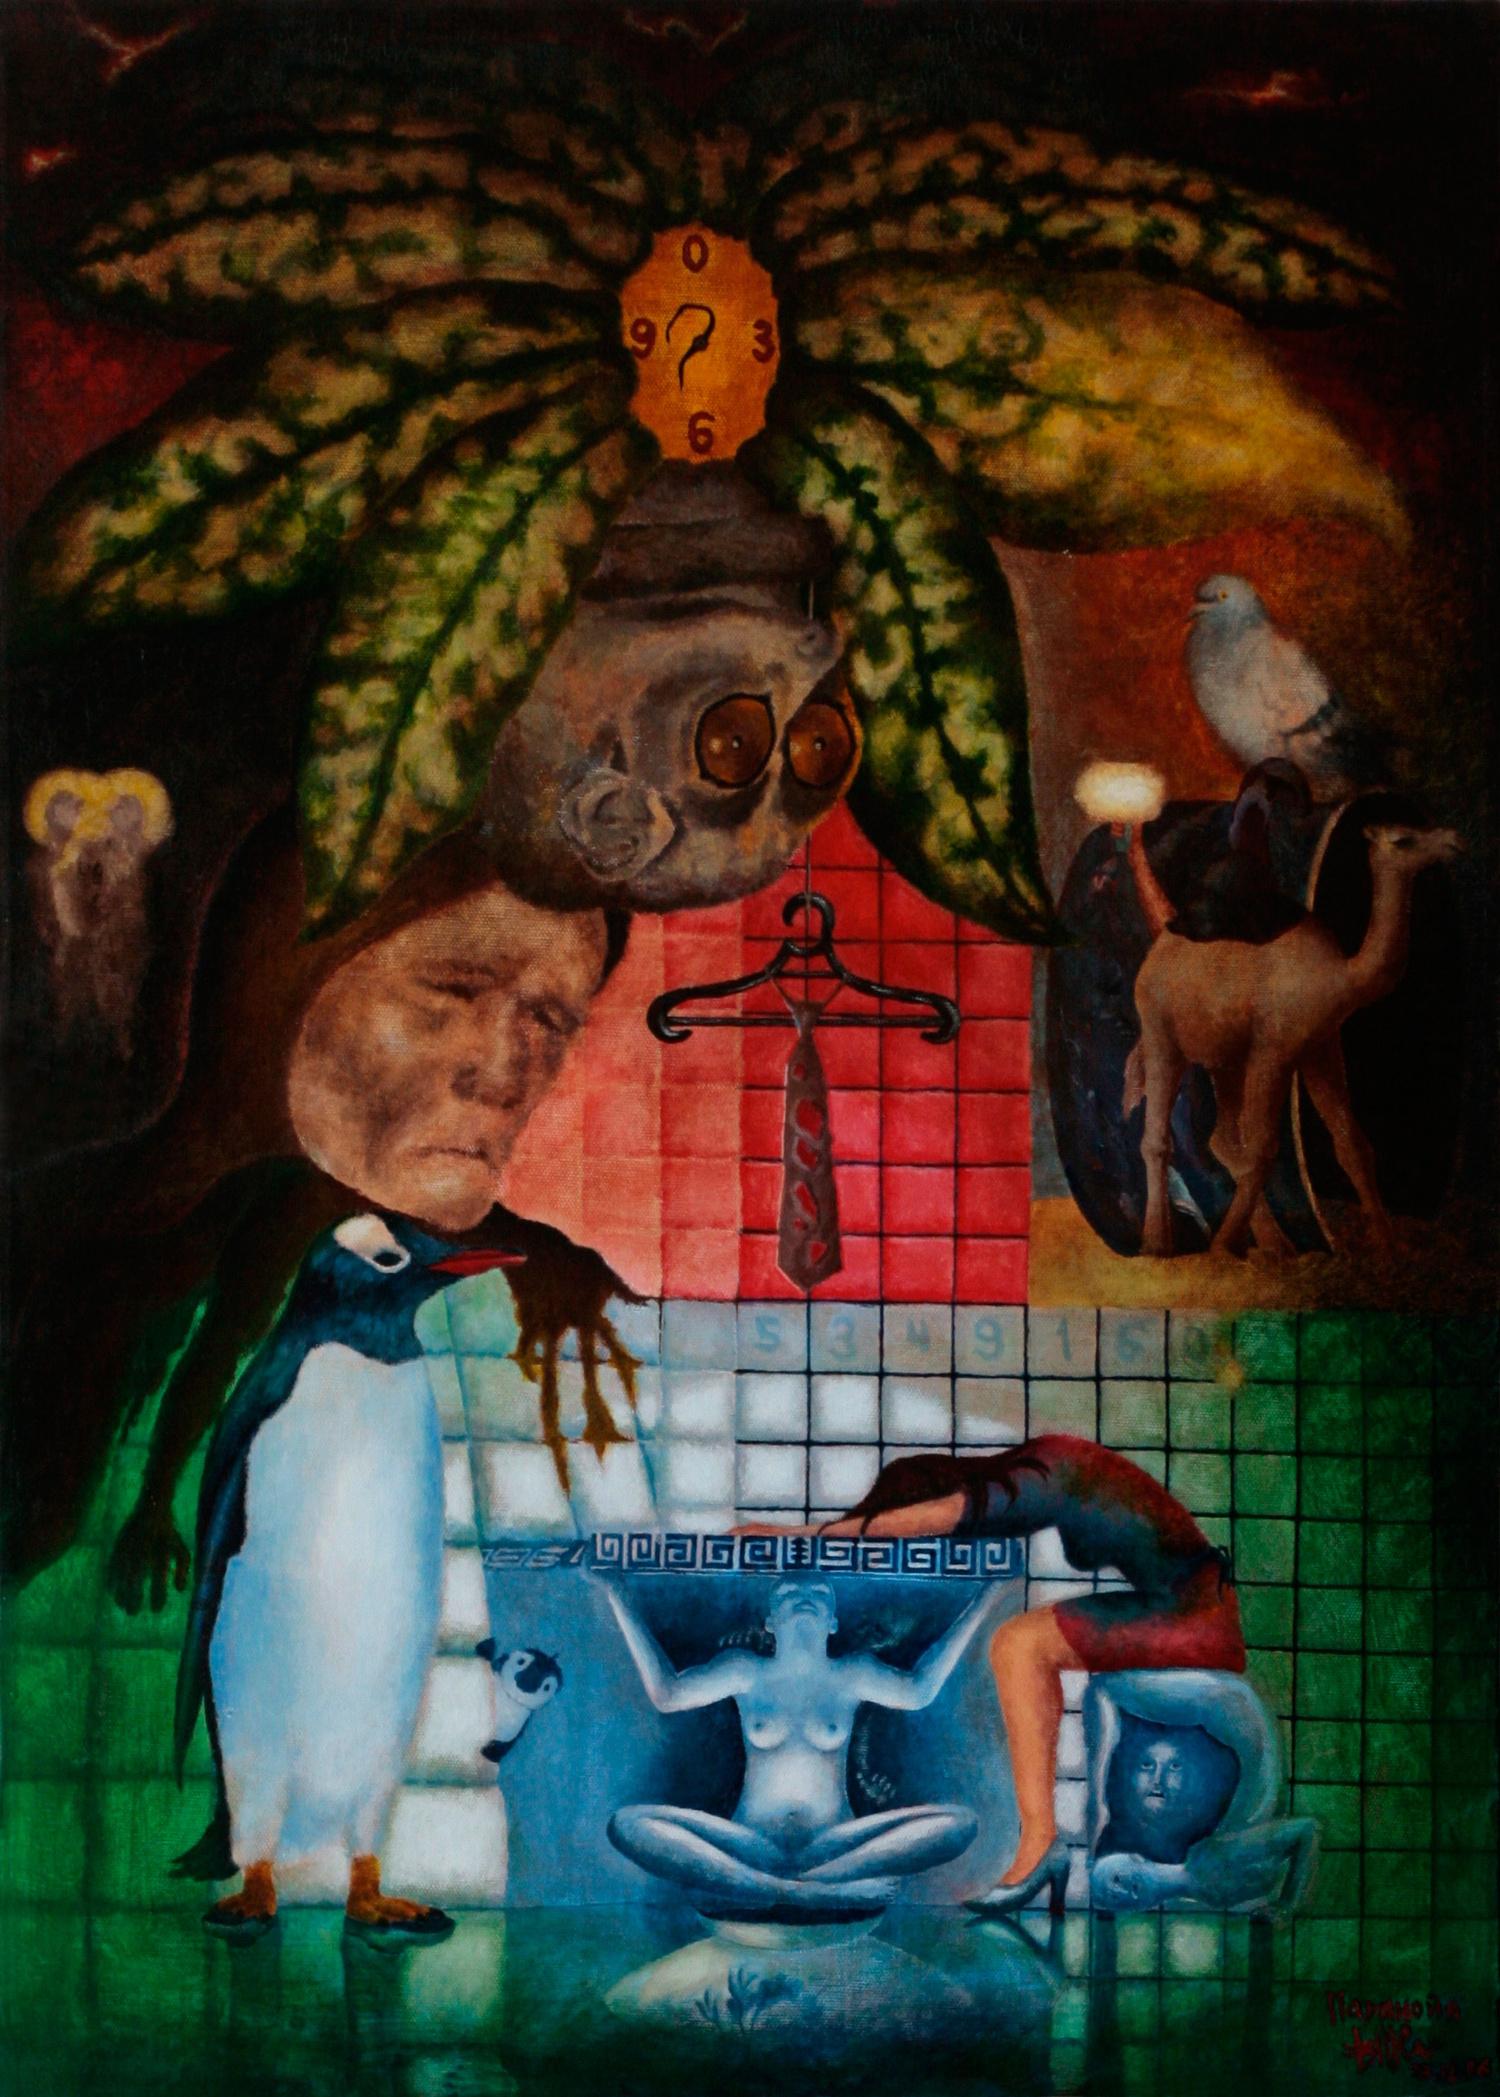 Паранойя. Лемур между листьями растения, в центре которого часы с искривленными стрелками. В центре галстук на вешалке в окружении старухи, пингвинов, верблюда, голубя, девушки, скульптур. Акрил.